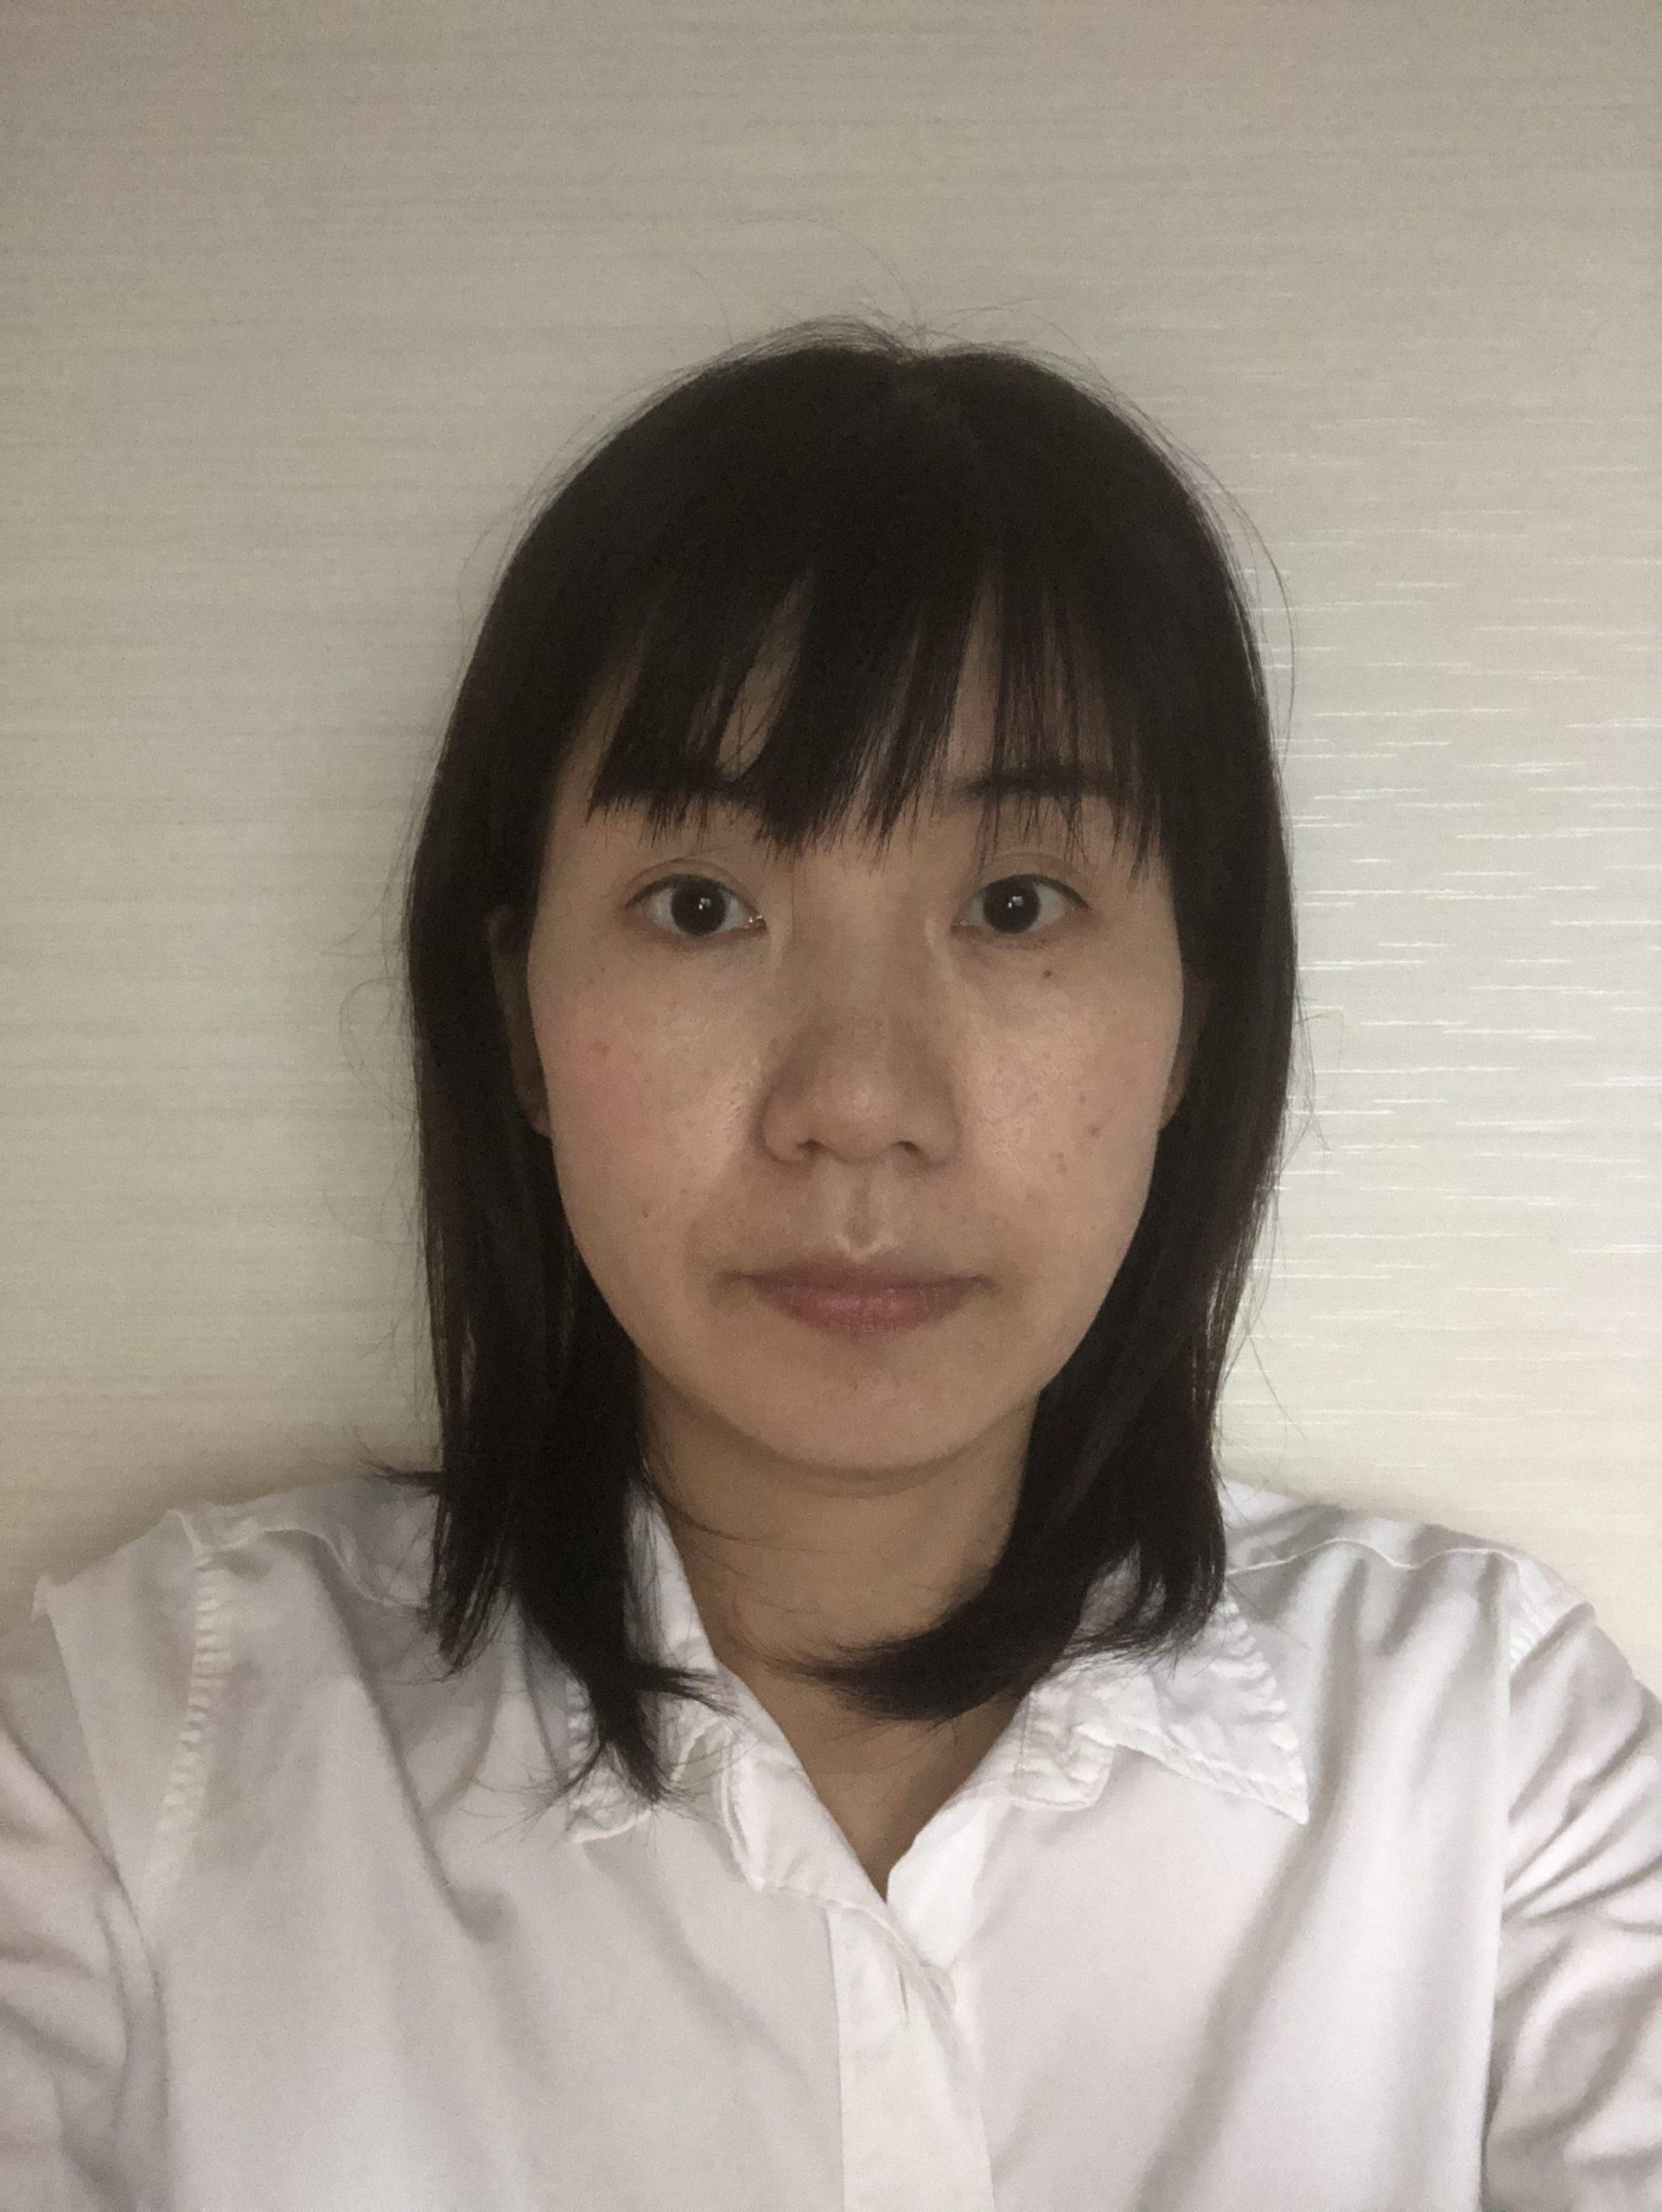 諒設計体験談-写真-増田亜衣子様